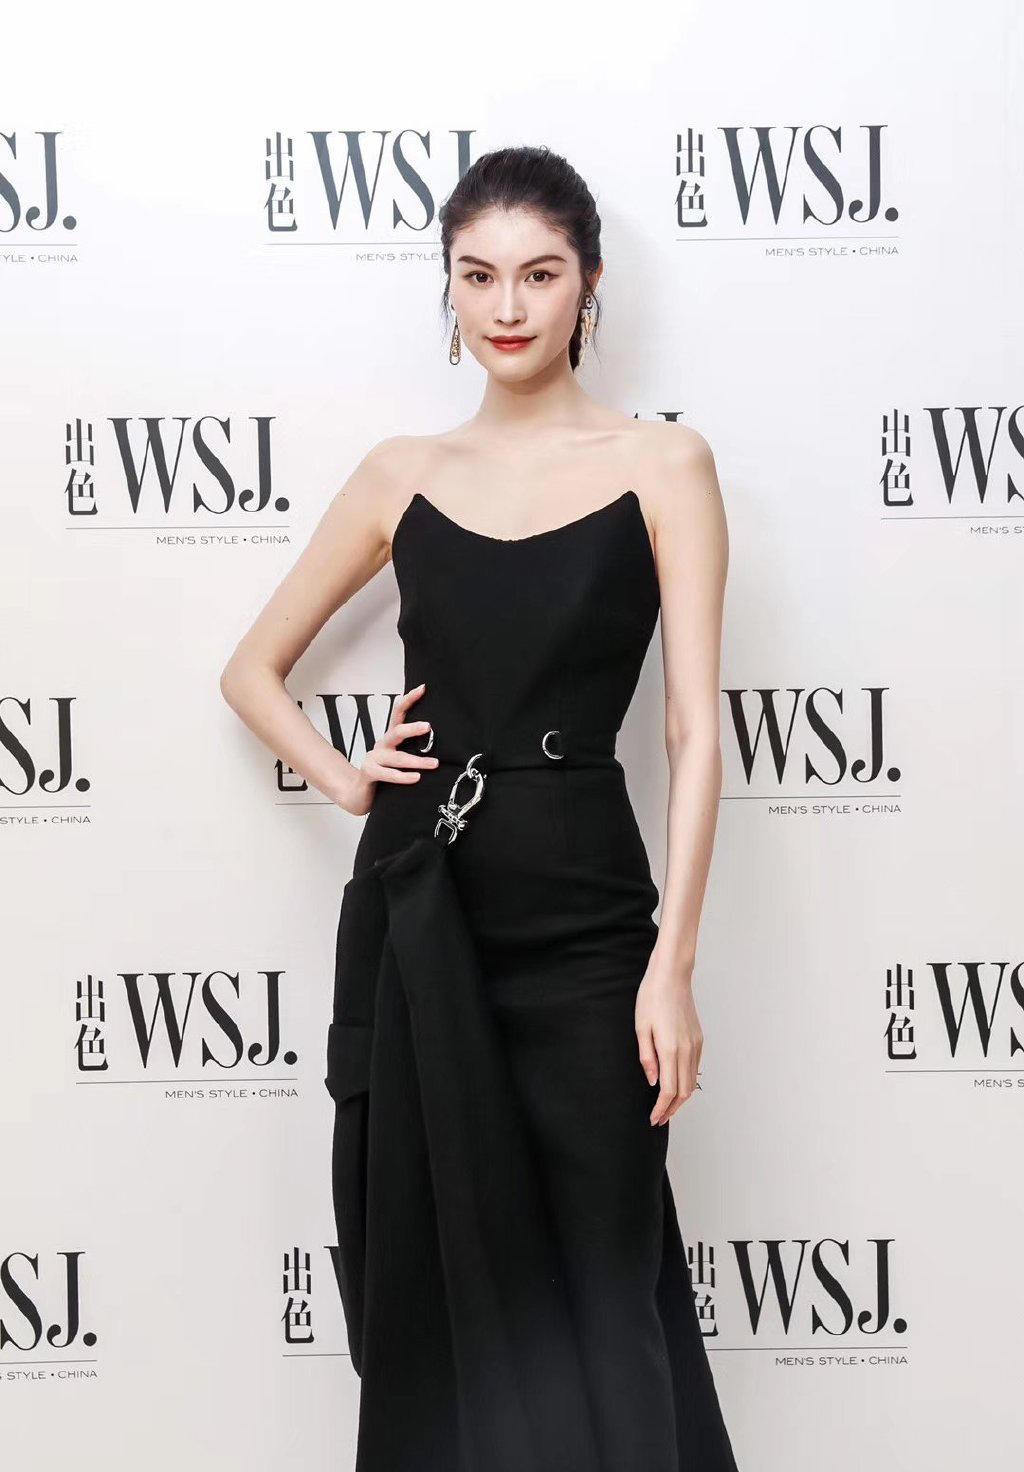 何穗身材真棒,穿黑色吊带裙优雅大气,合影比舒淇老公冯德伦都高